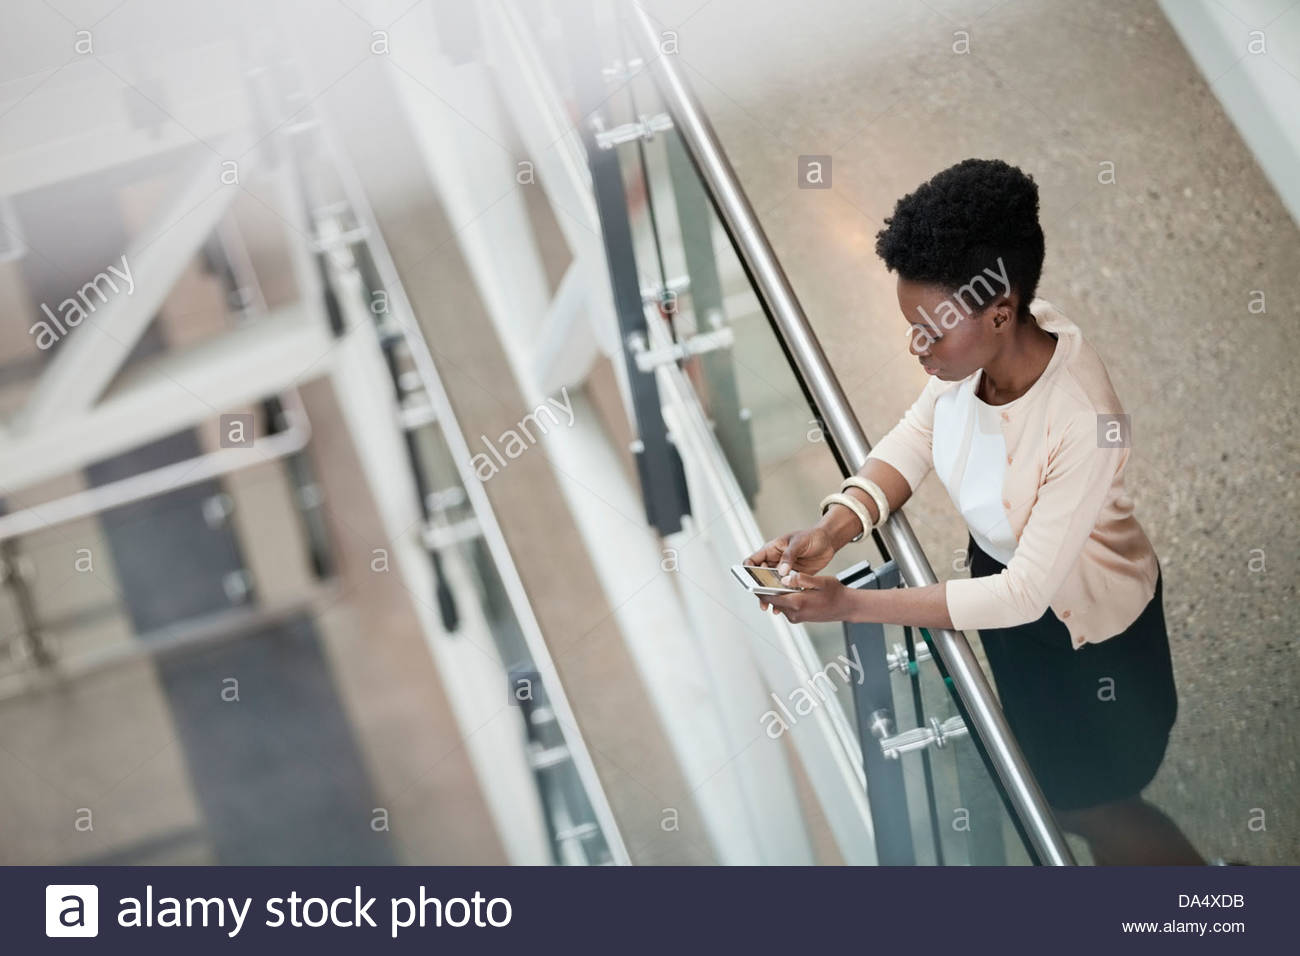 Un alto ángulo de visualización de la mujer utilizando un teléfono móvil en el edificio de oficinas Imagen De Stock